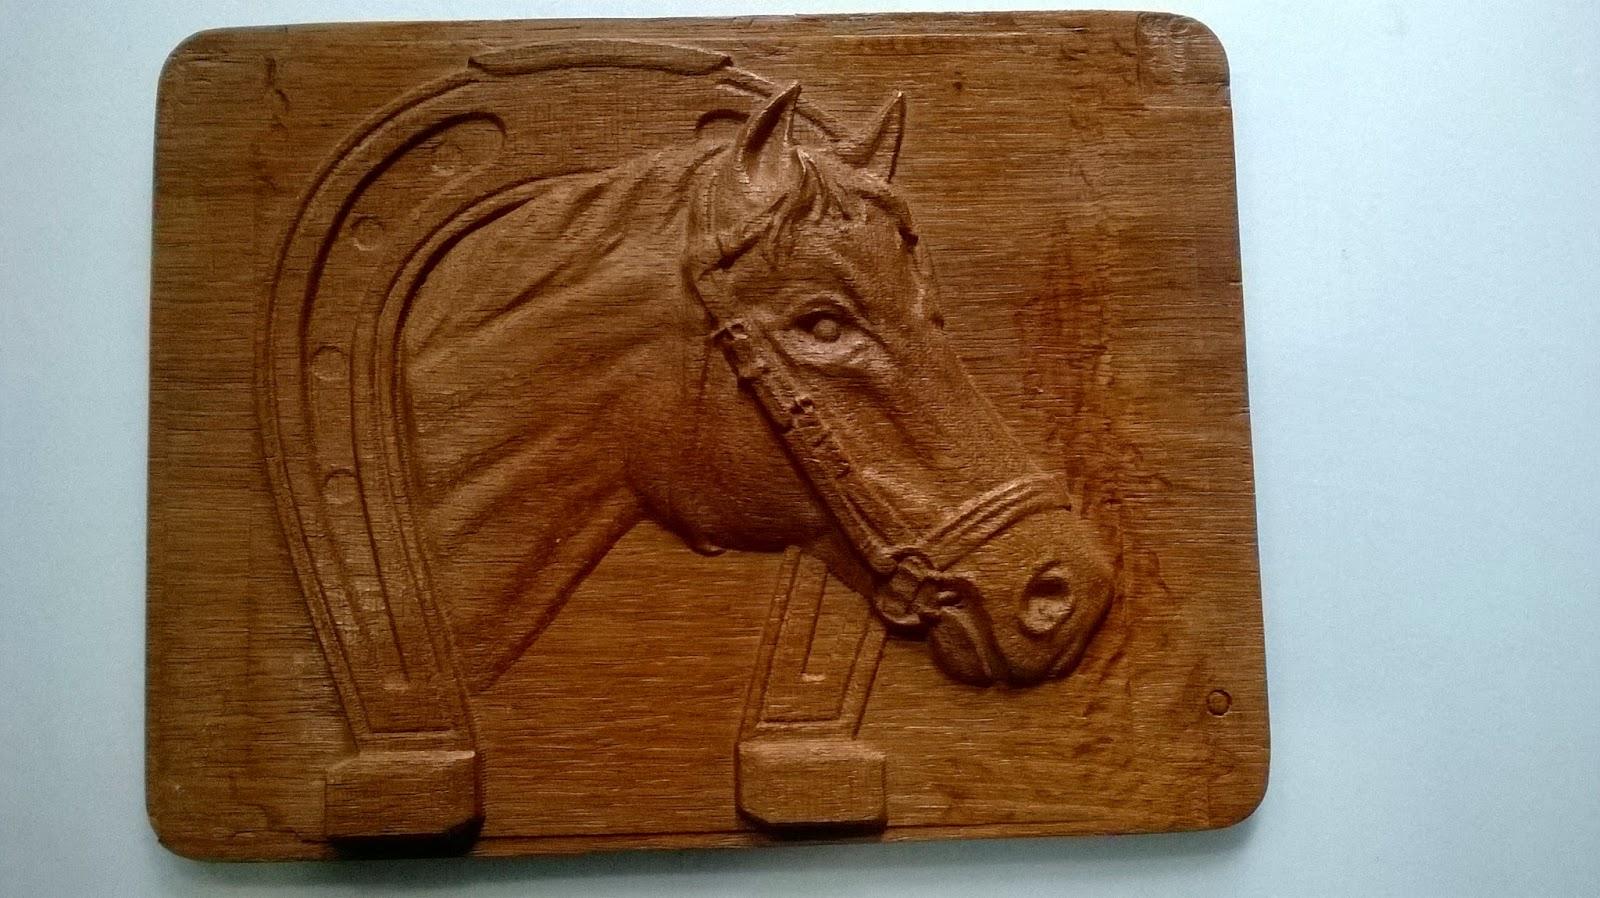 El fog n artesan as en madera r stica y hierro uruguay - Fotos en madera ...